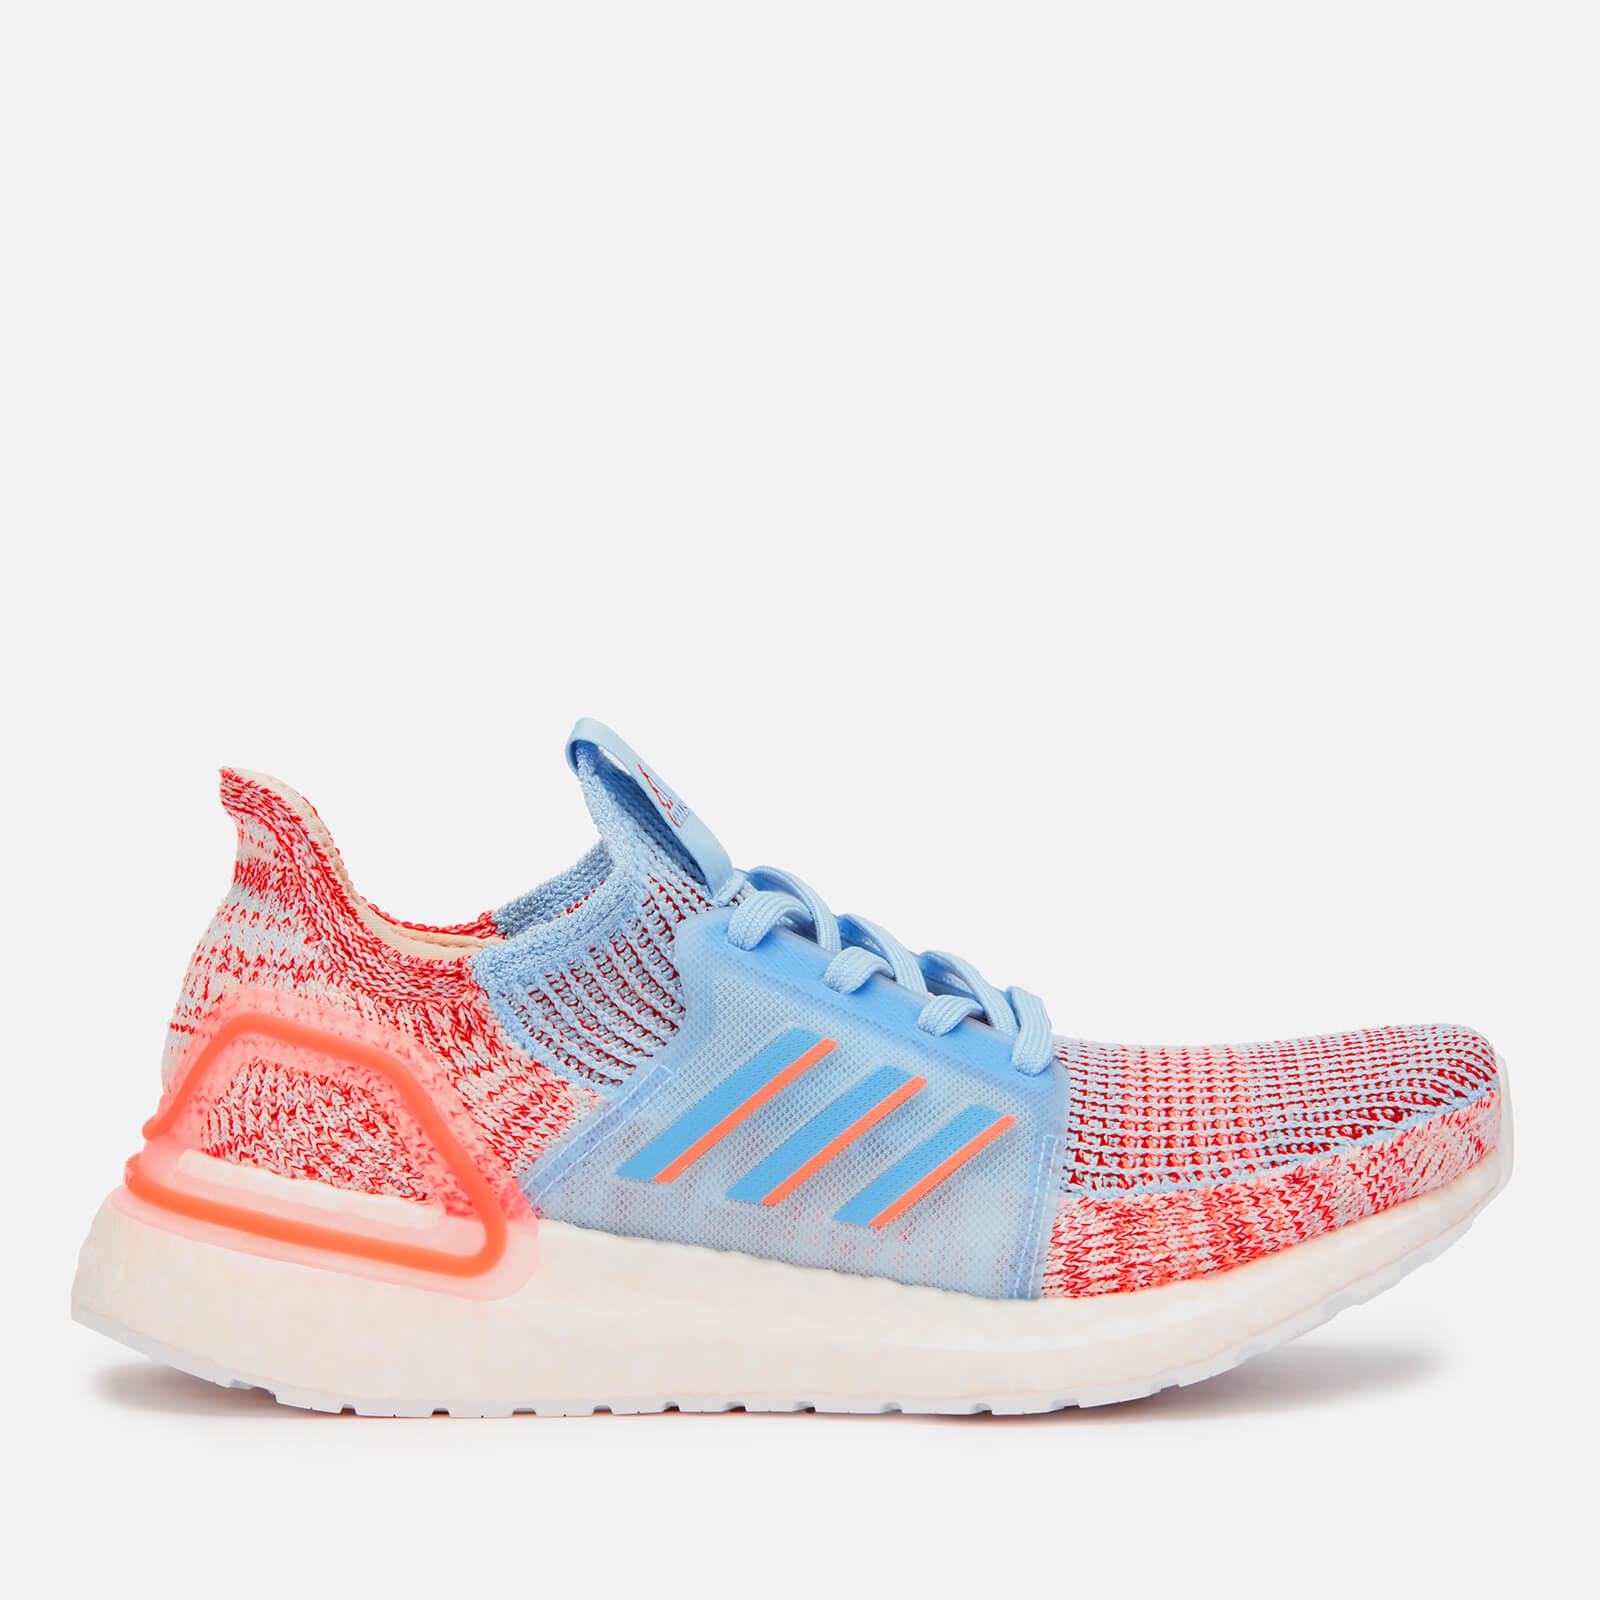 adidas Women's Ultraboost 19 Trainers - Blue/Orange - UK 7 - Multi